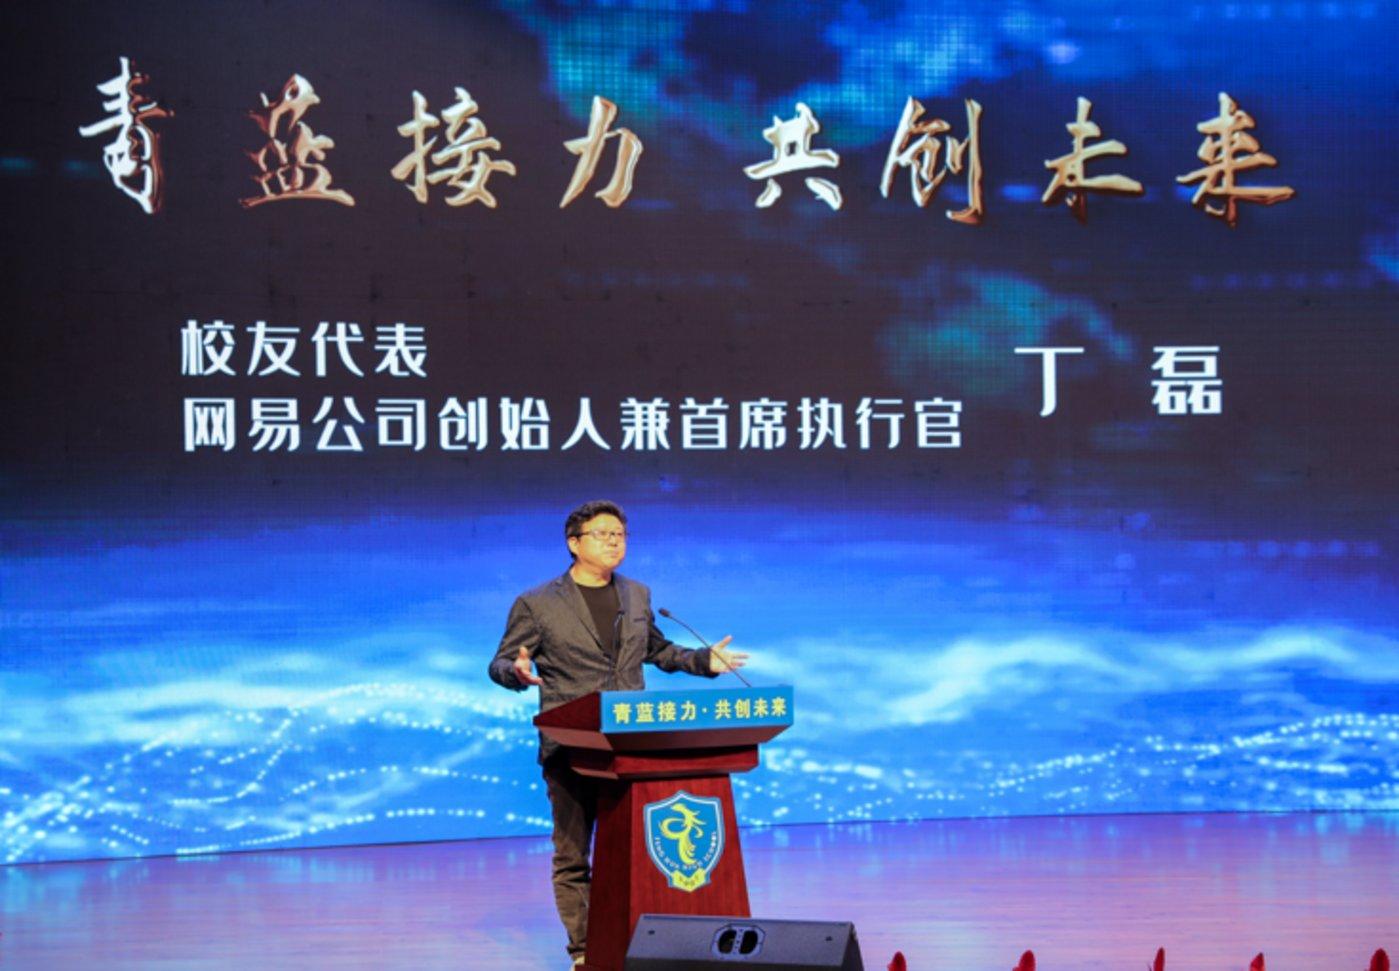 网易CEO丁磊回到母校浙江奉化中学,参加新校区迁入仪式,发表演讲,